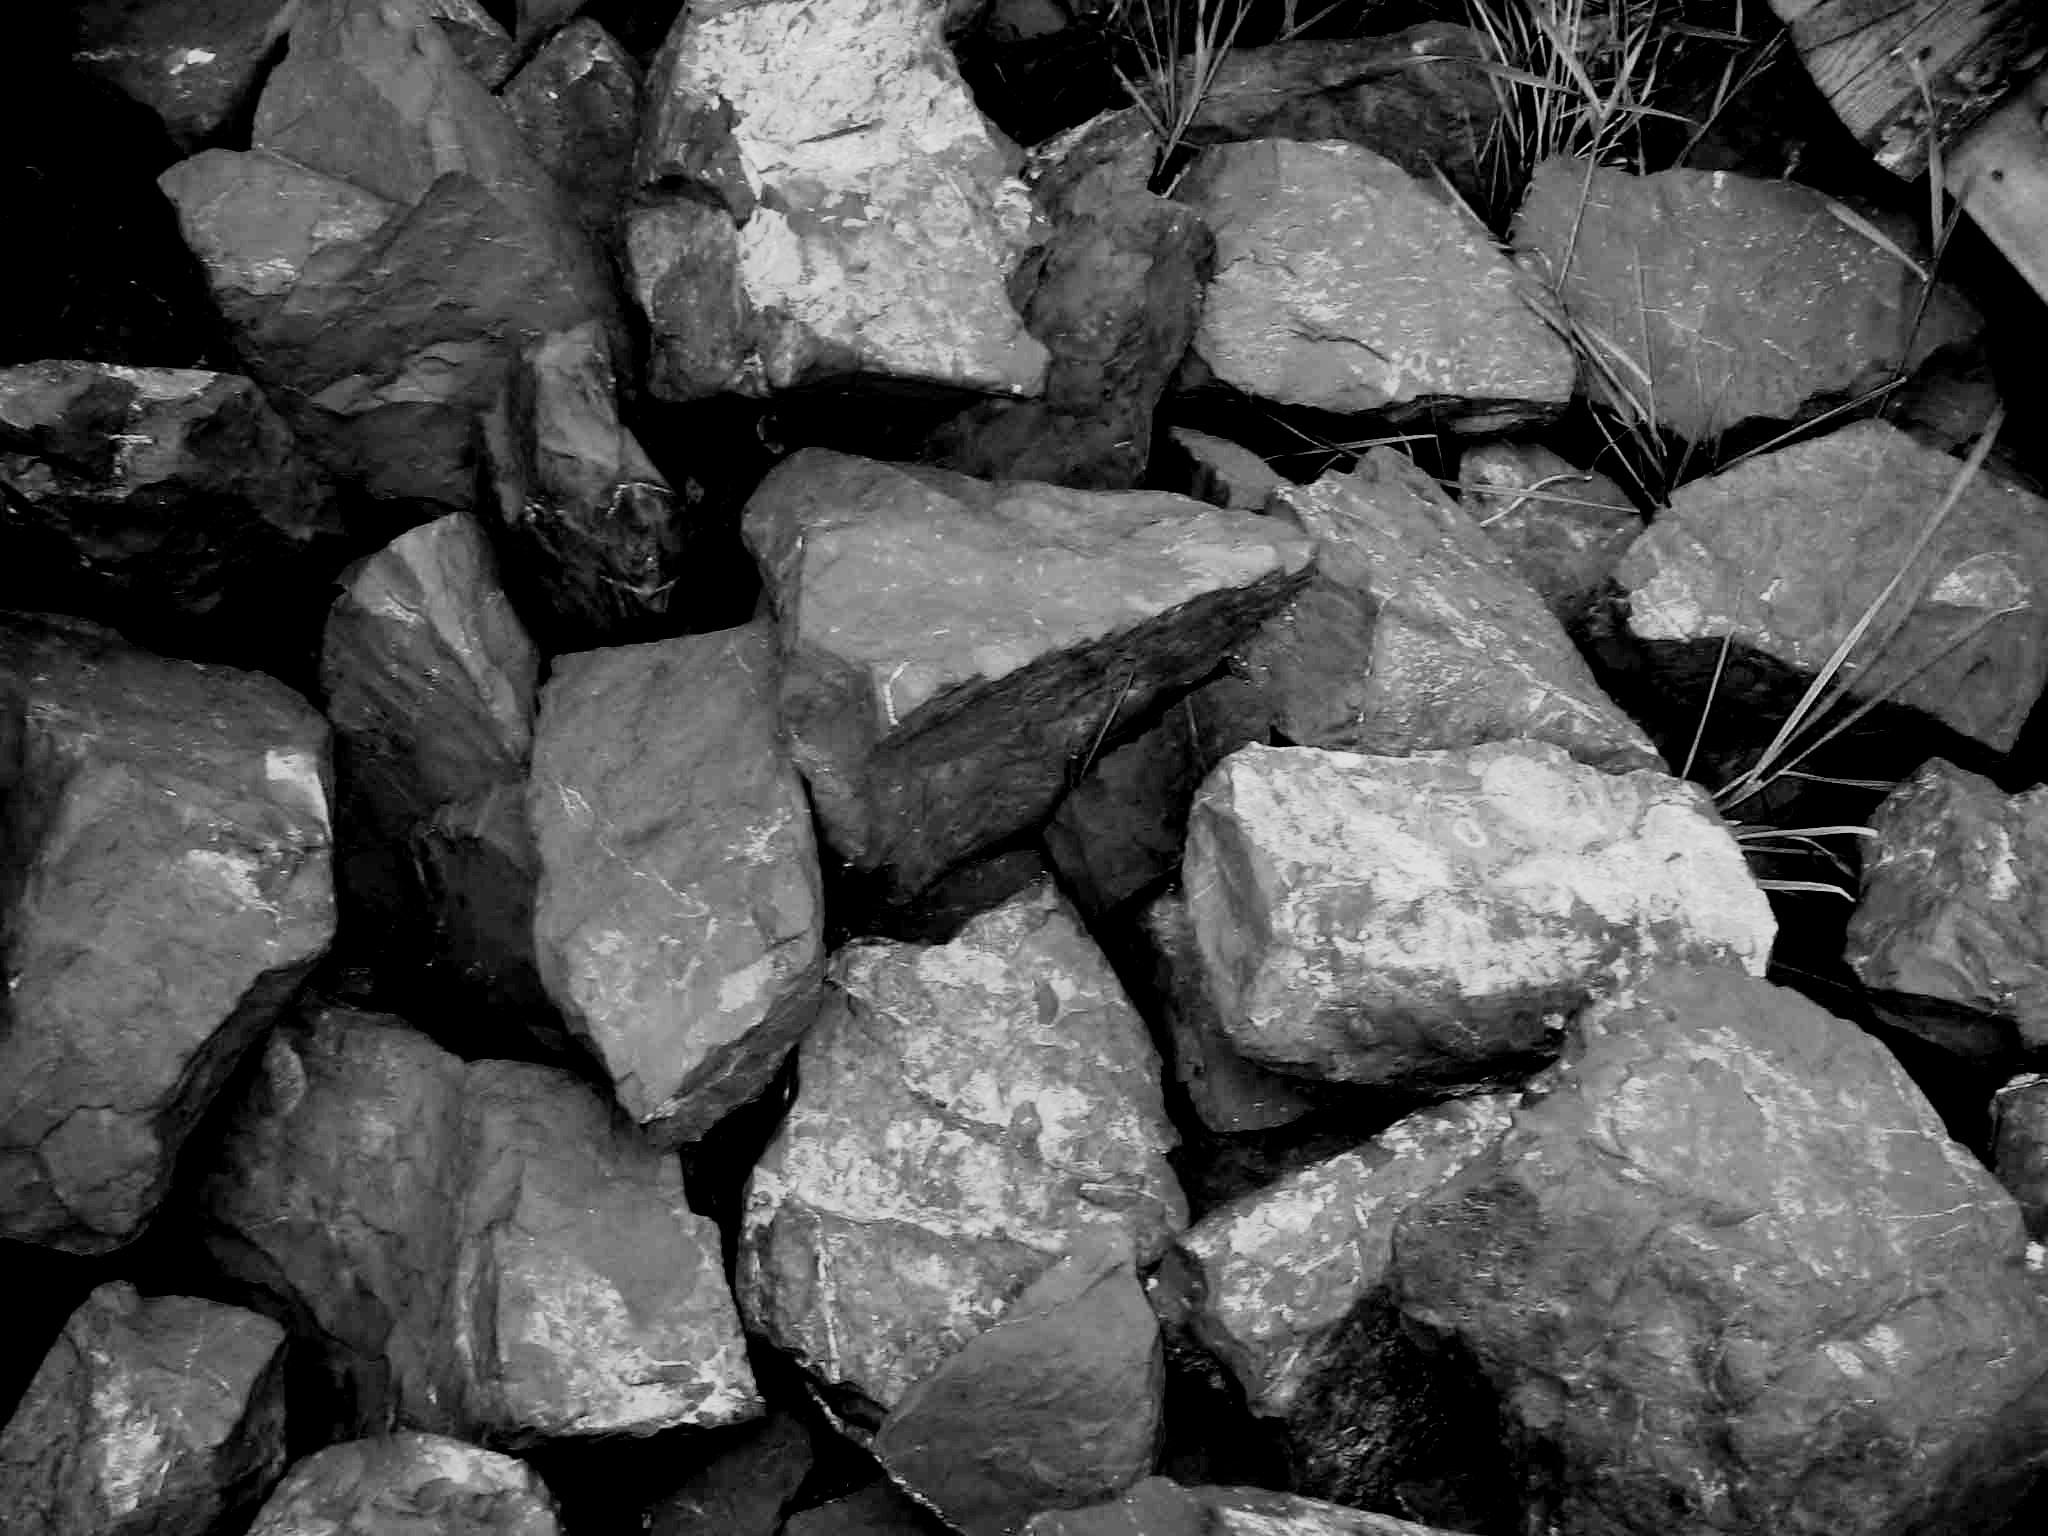 Необработанный камень для ландшафта из шунгита.